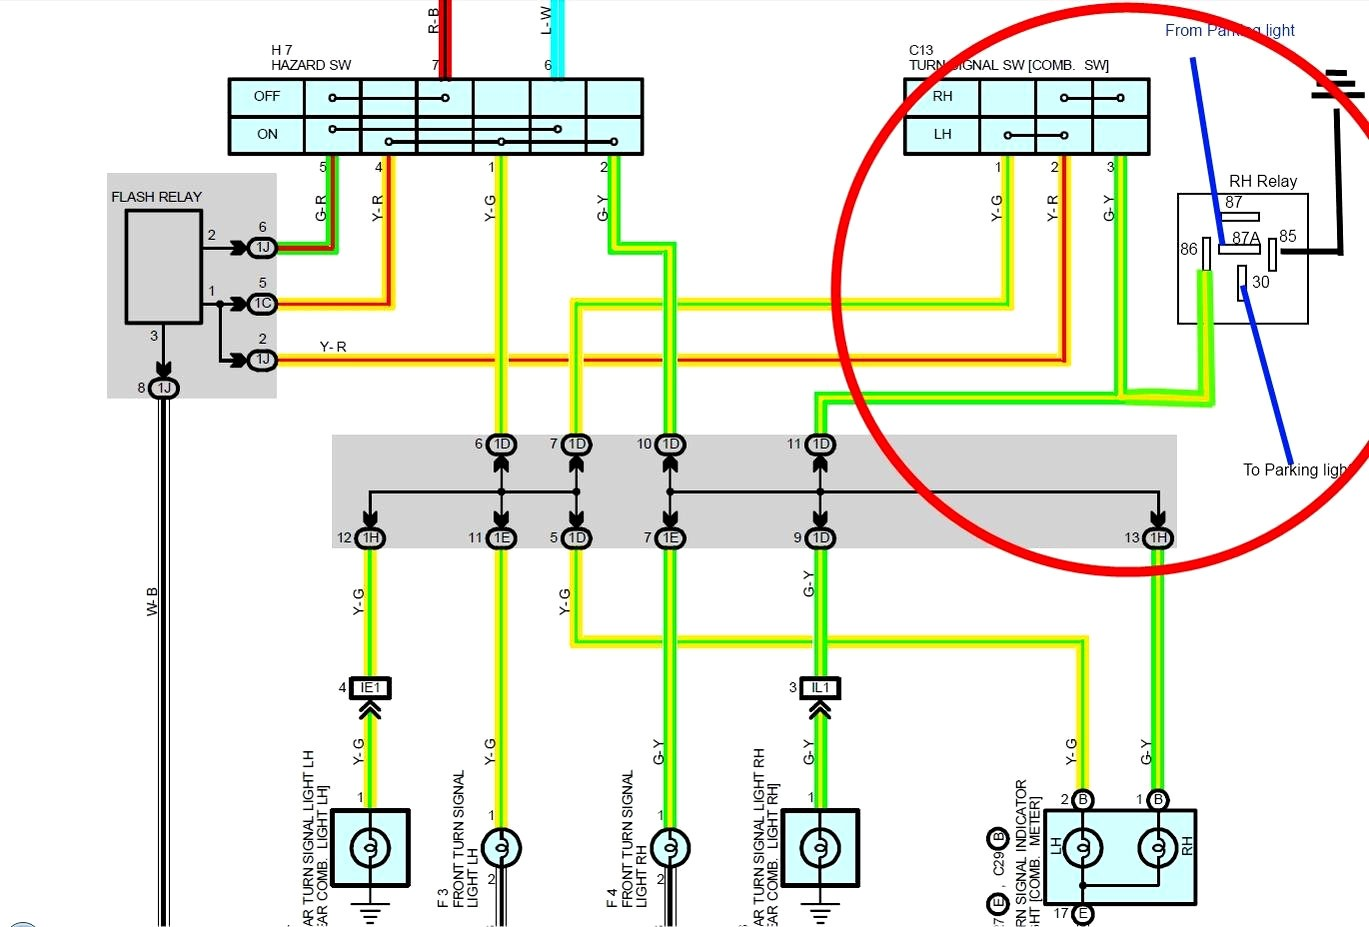 √ 02 Camry Radio Wiring Diagram  Runner Radio Wiring Diagram on hhr radio wiring diagram, g35 radio wiring diagram, trailblazer radio wiring diagram, veloster radio wiring diagram, jetta radio wiring diagram, miata radio wiring diagram, grand am radio wiring diagram, avalon radio wiring diagram, 3000gt radio wiring diagram,